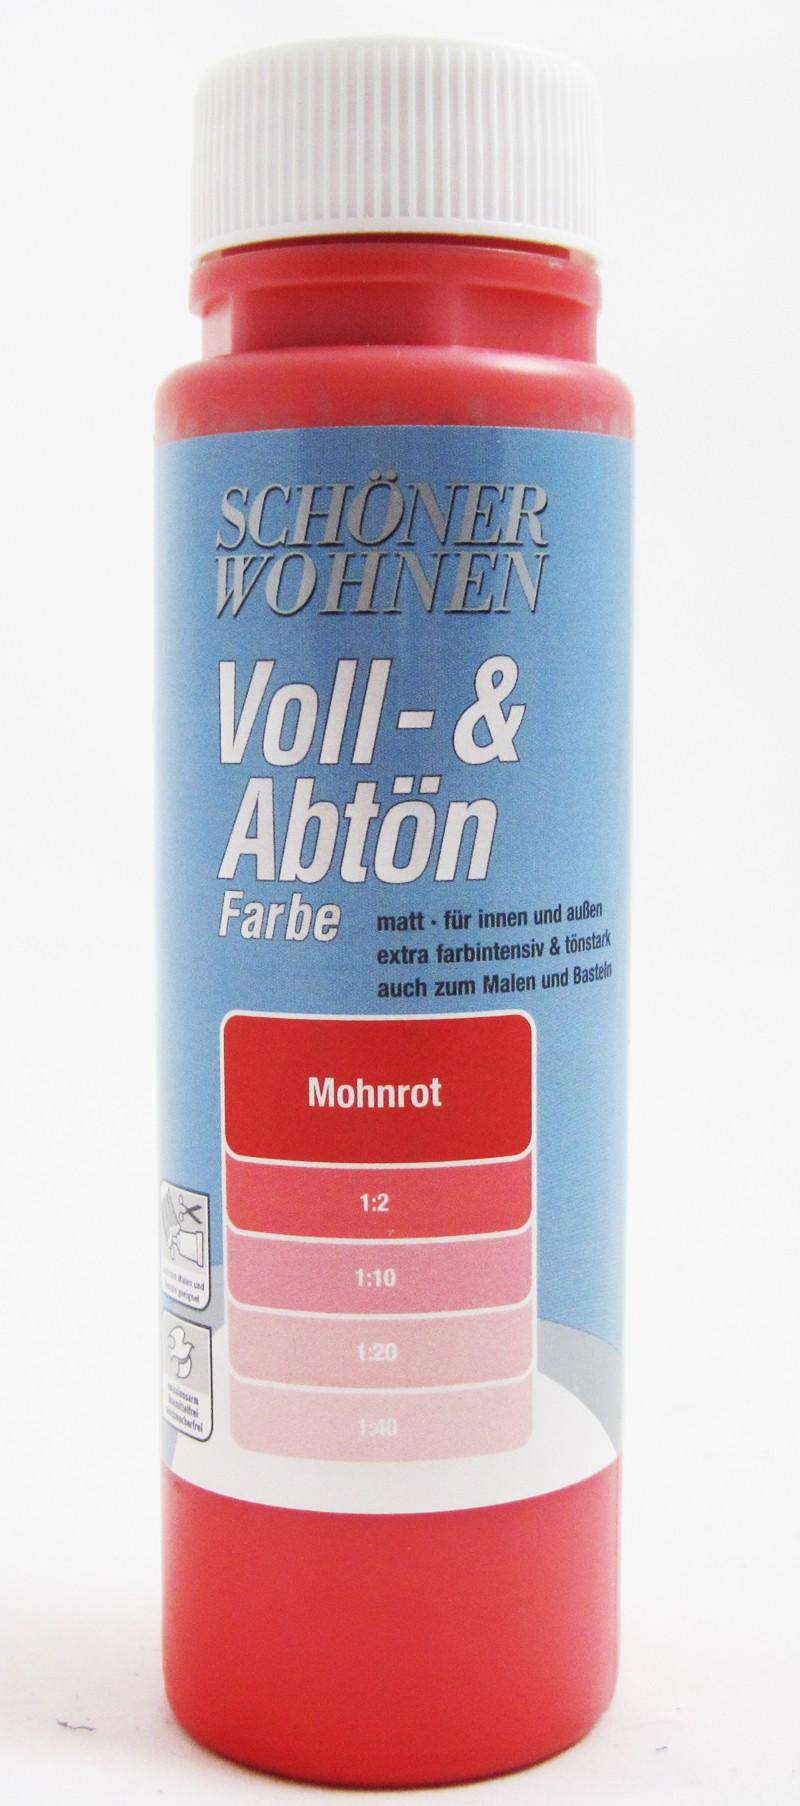 Voll- und Abtönfarbe Mohnrot 125 ml